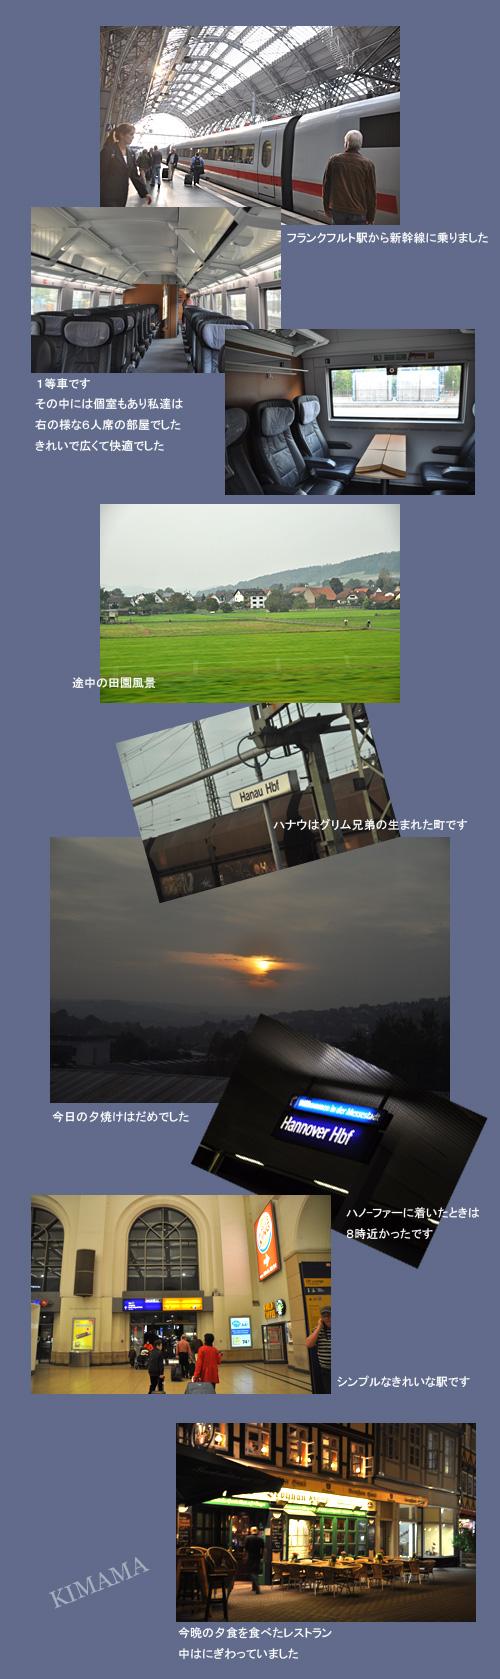 9月29日新幹線